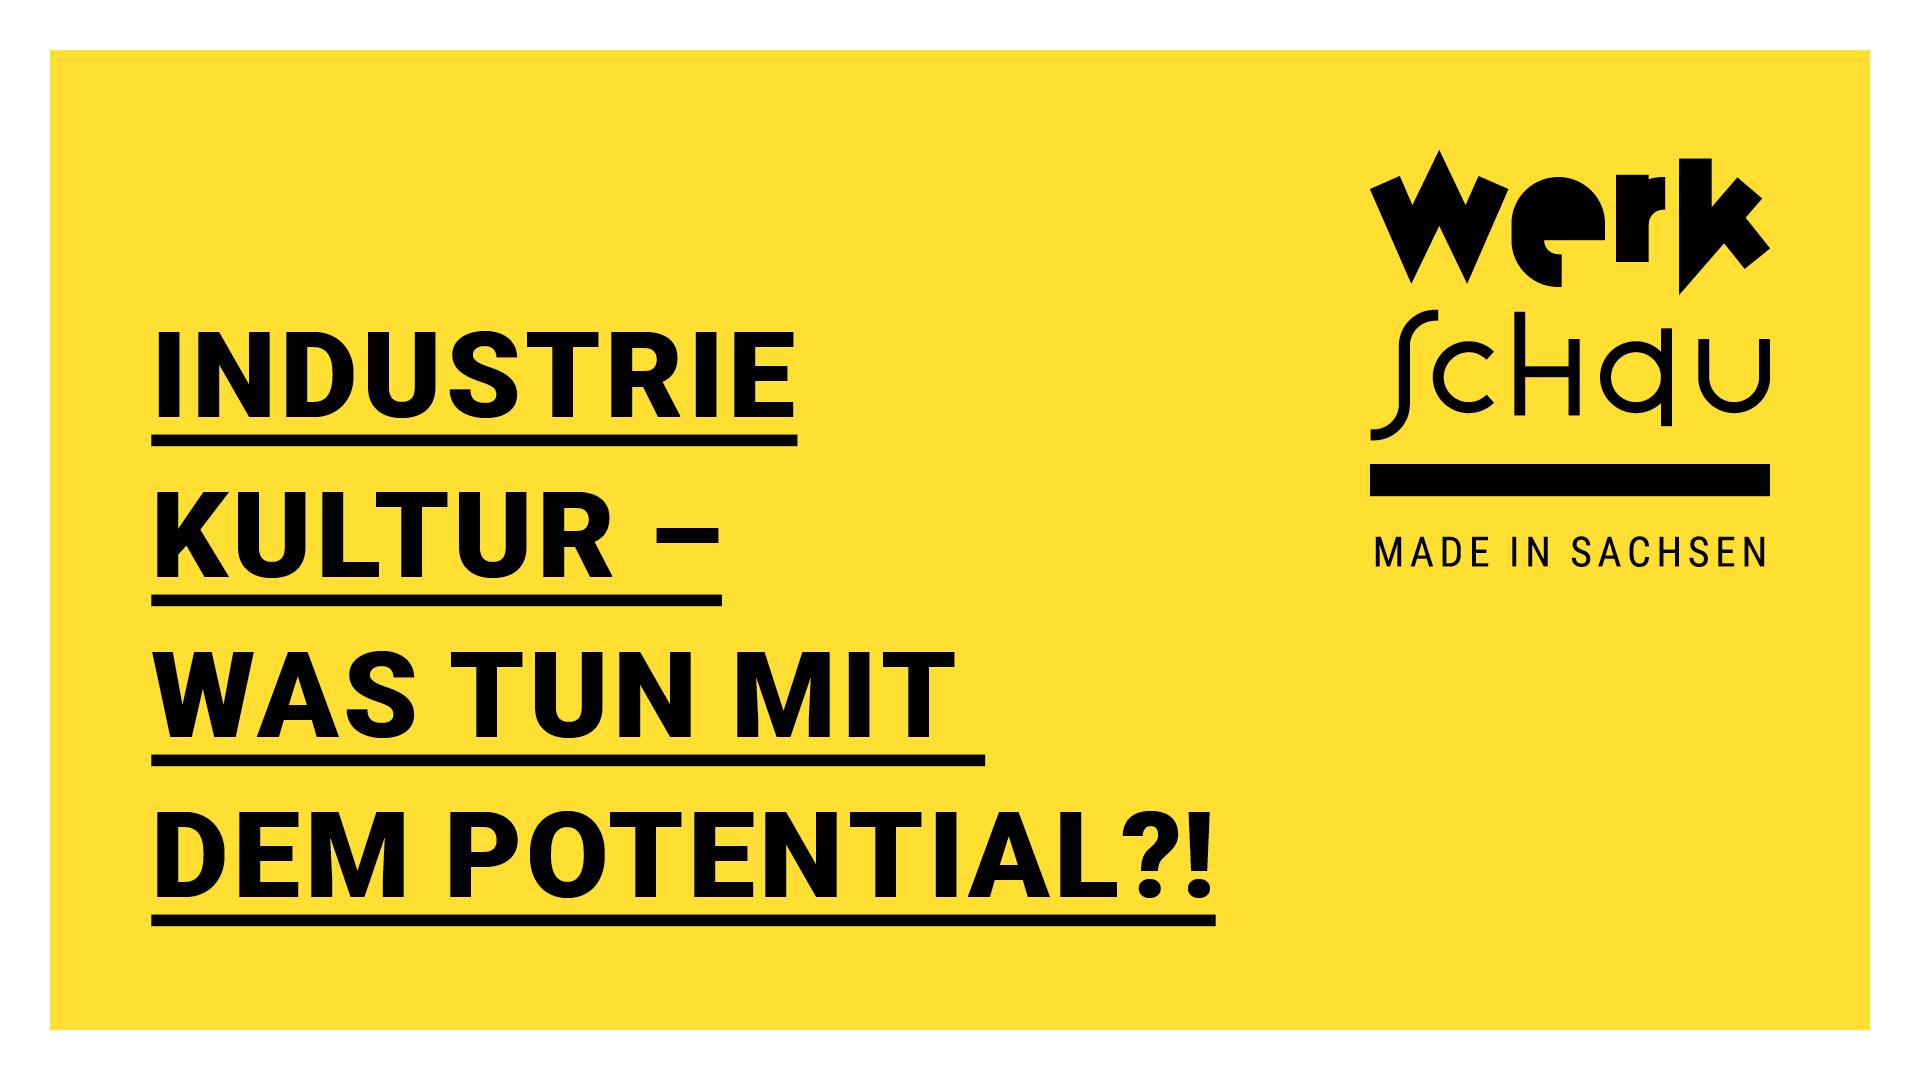 KreativesSachsen_WerkSchau_Industriekultur3